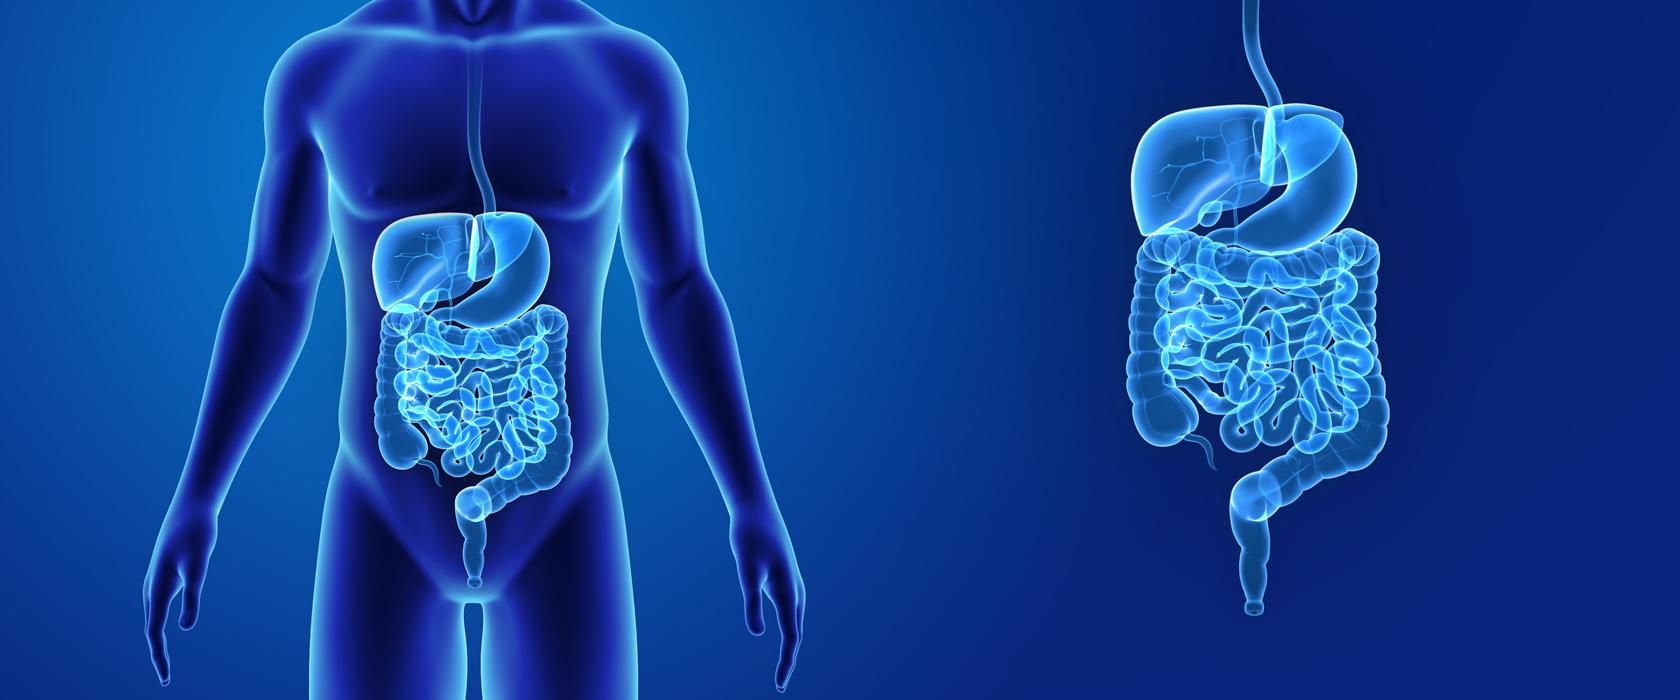 Какие органы страдают при гепатите С?